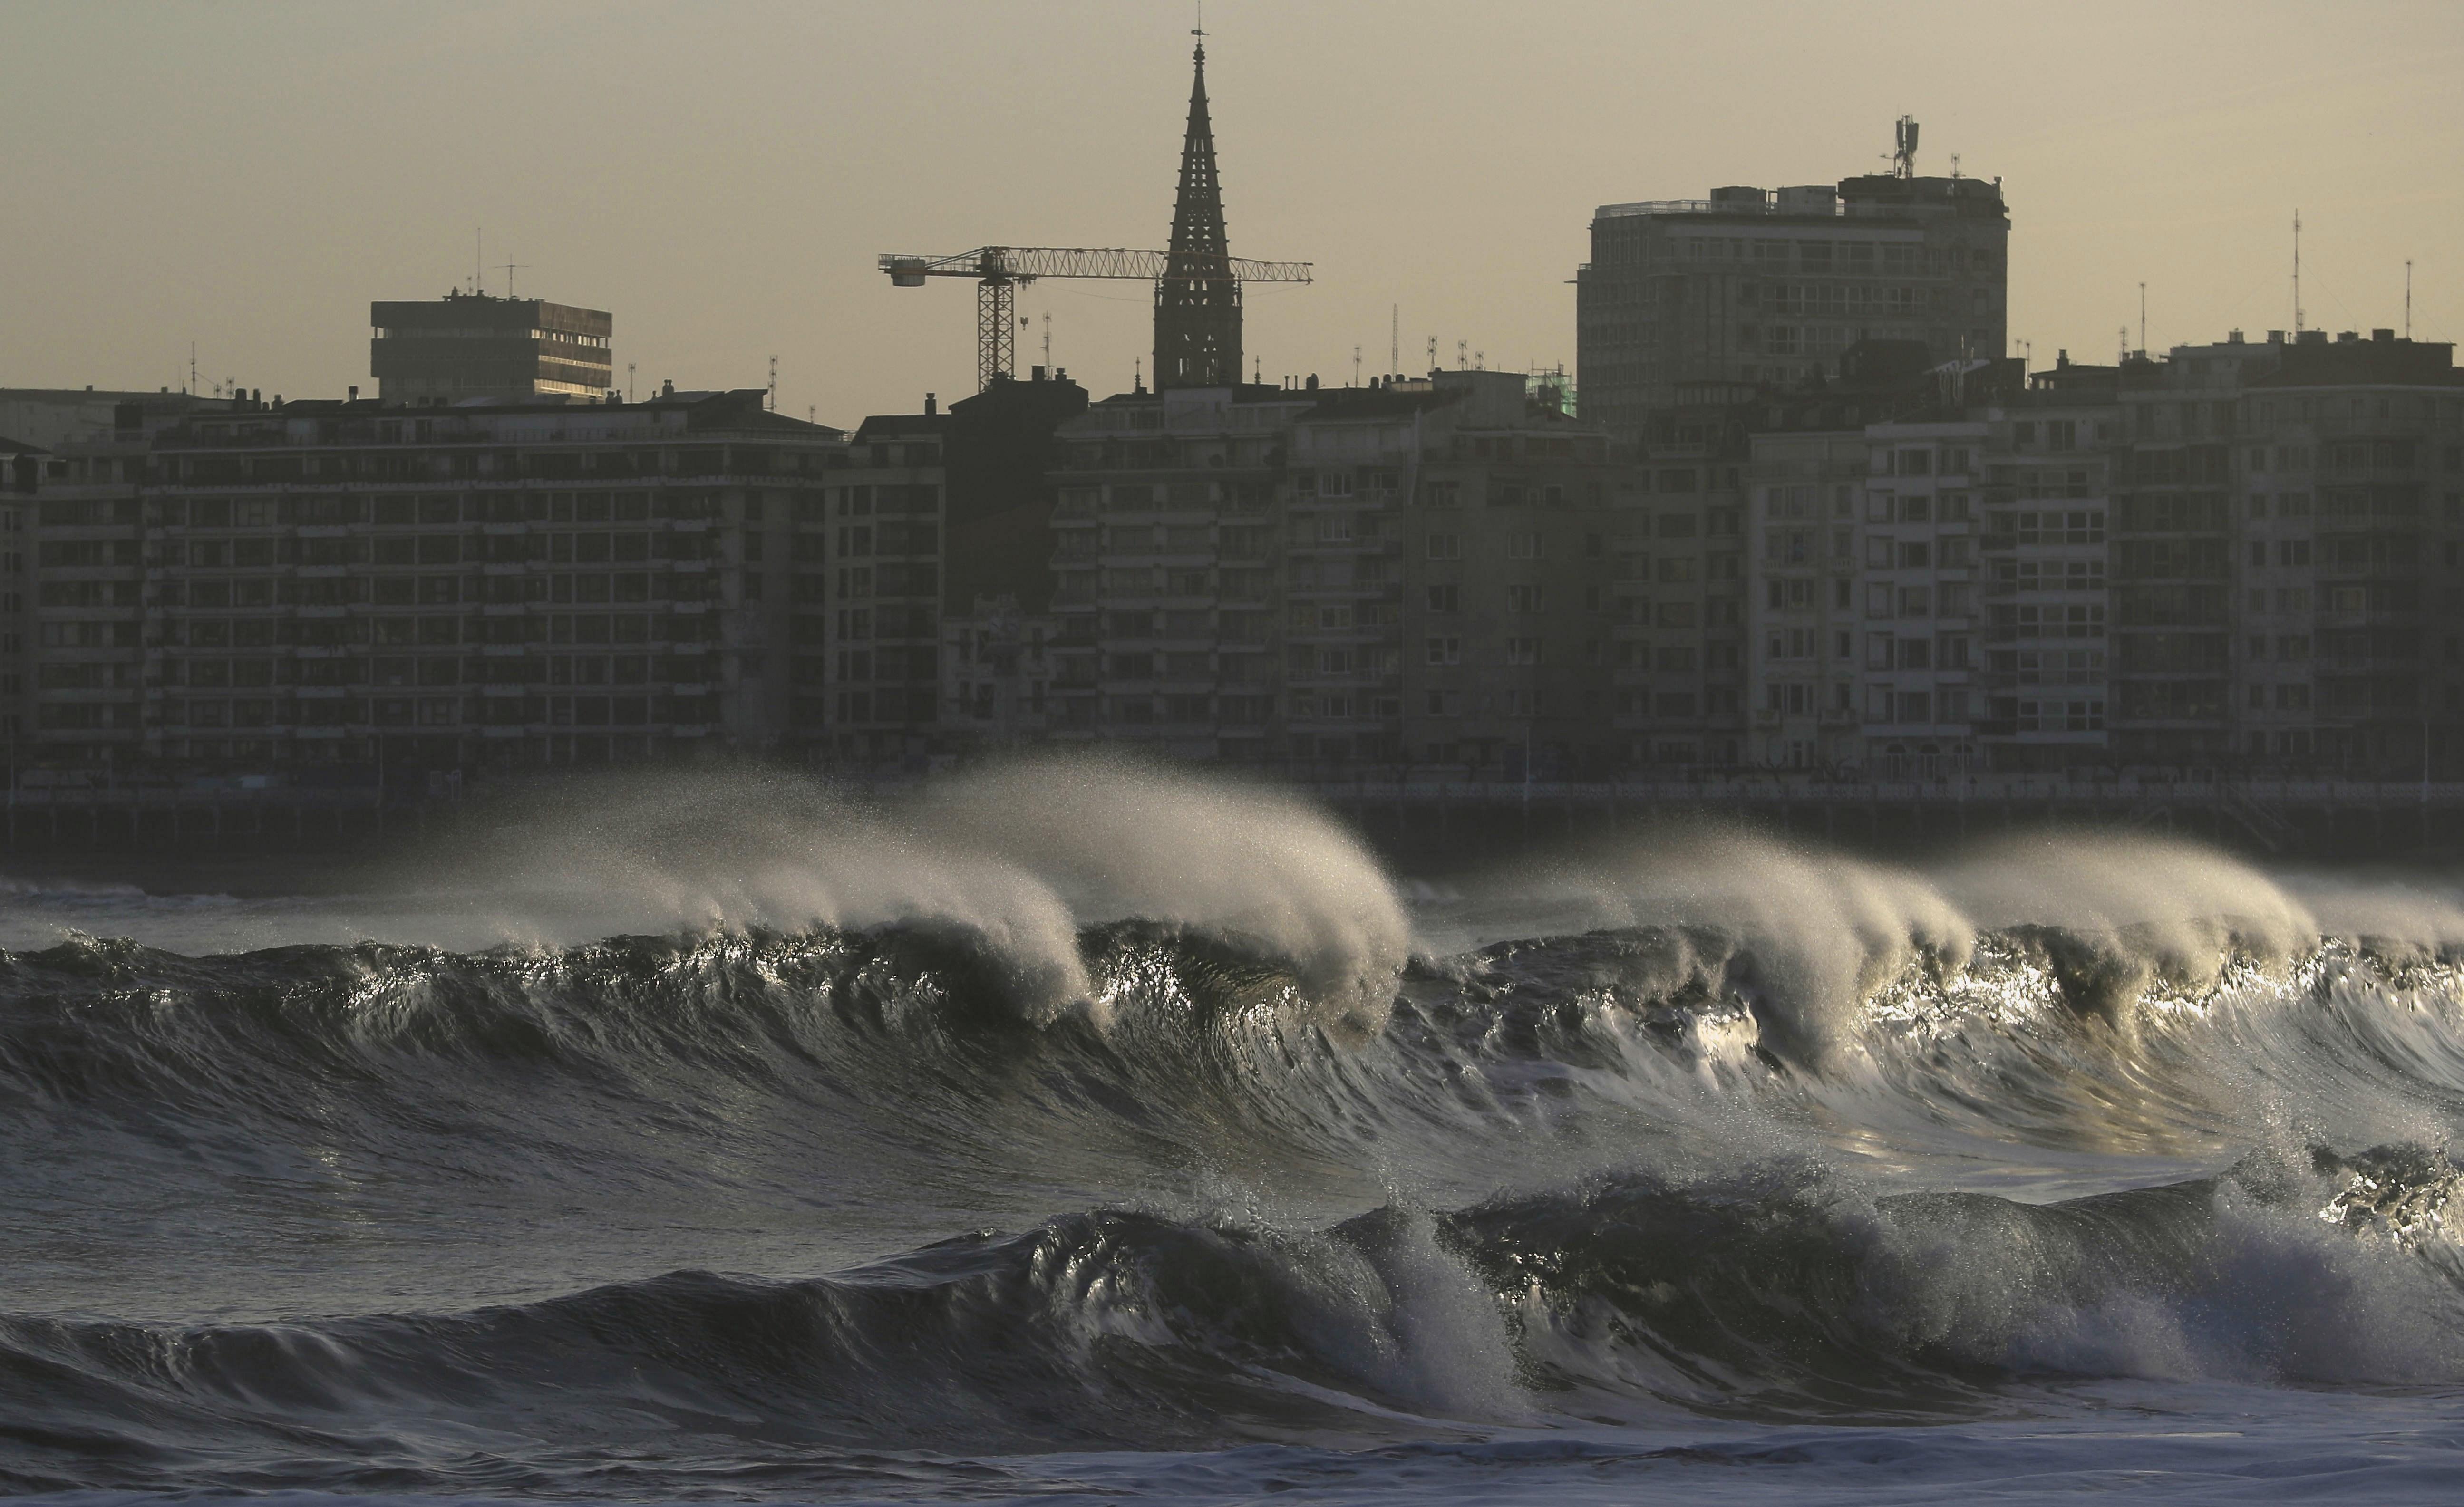 შტორმი ესპანეთის ქალაქ სან სებასტიანში. 18.01.18 ფოტო: EPA